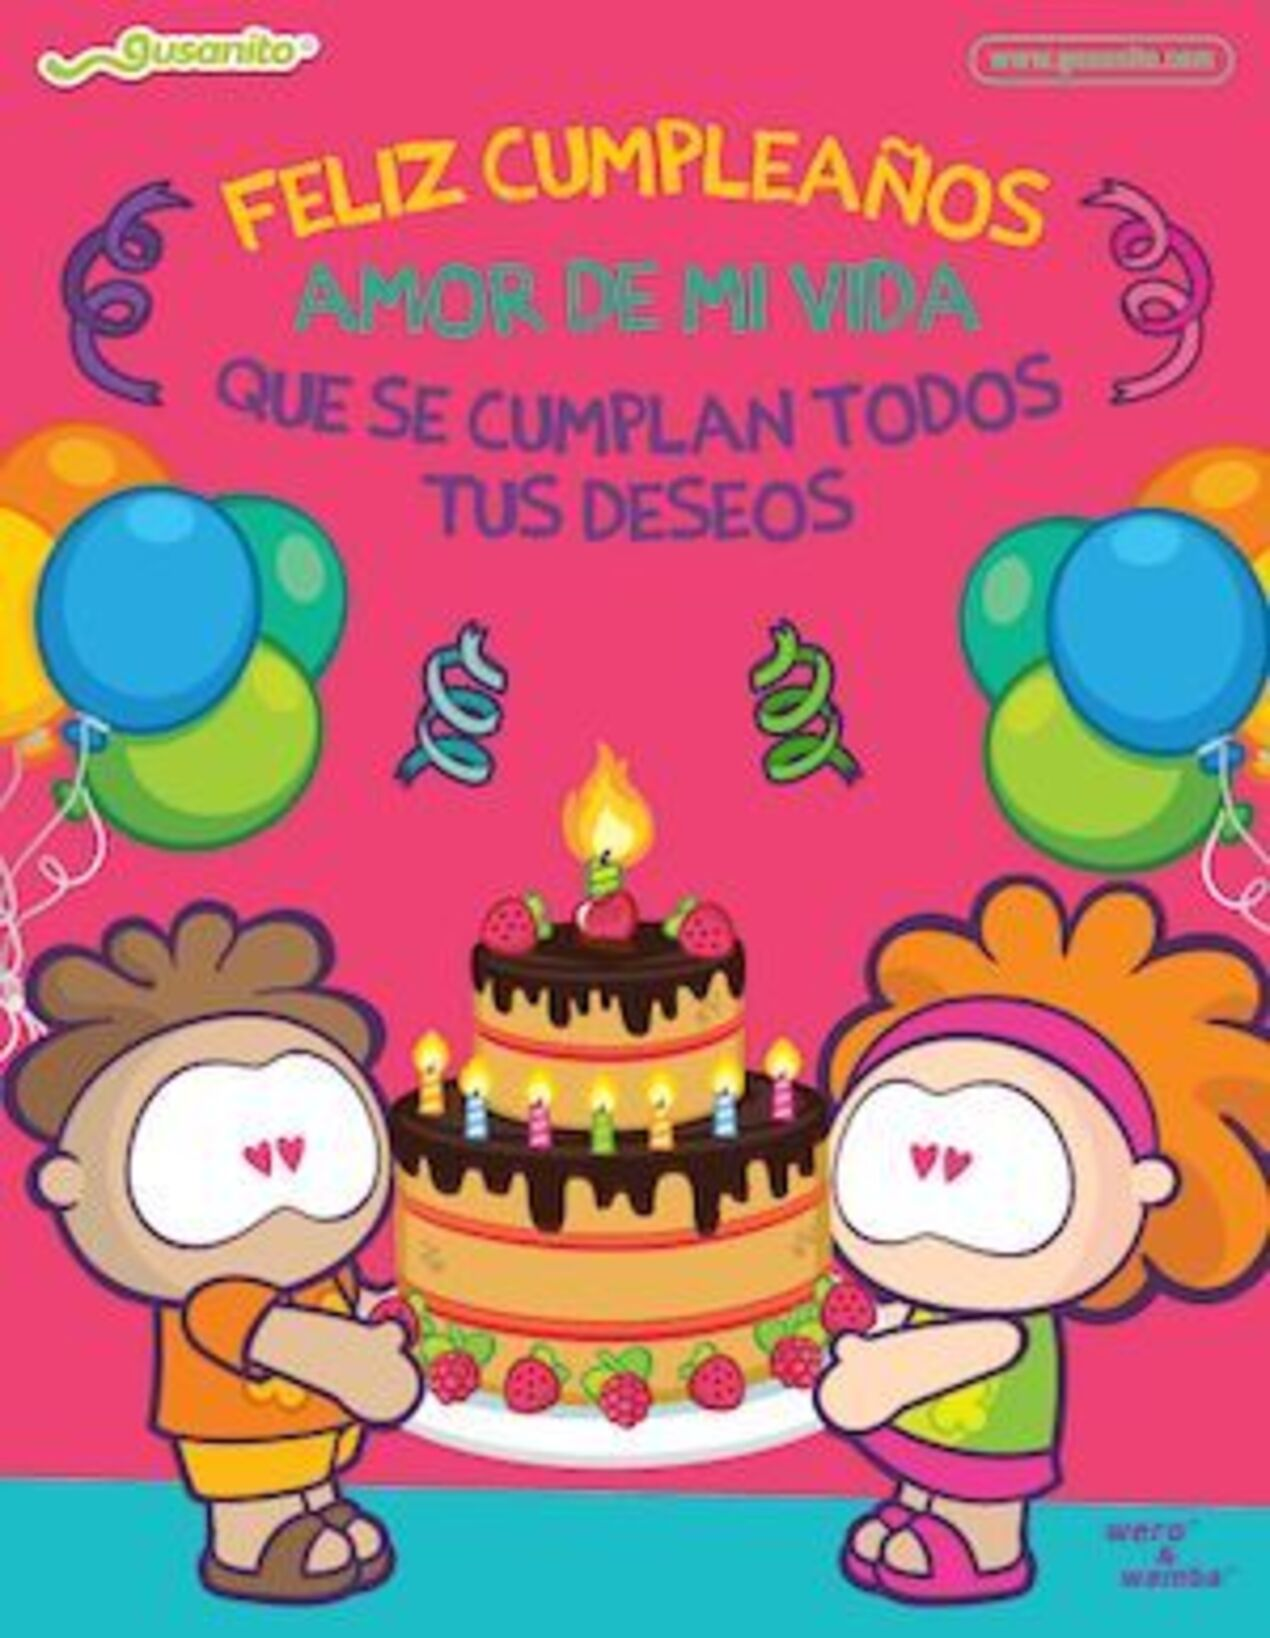 Bonito Lunes Mi Amor feliz cumpleaños imágenes mensajes frases para amigos